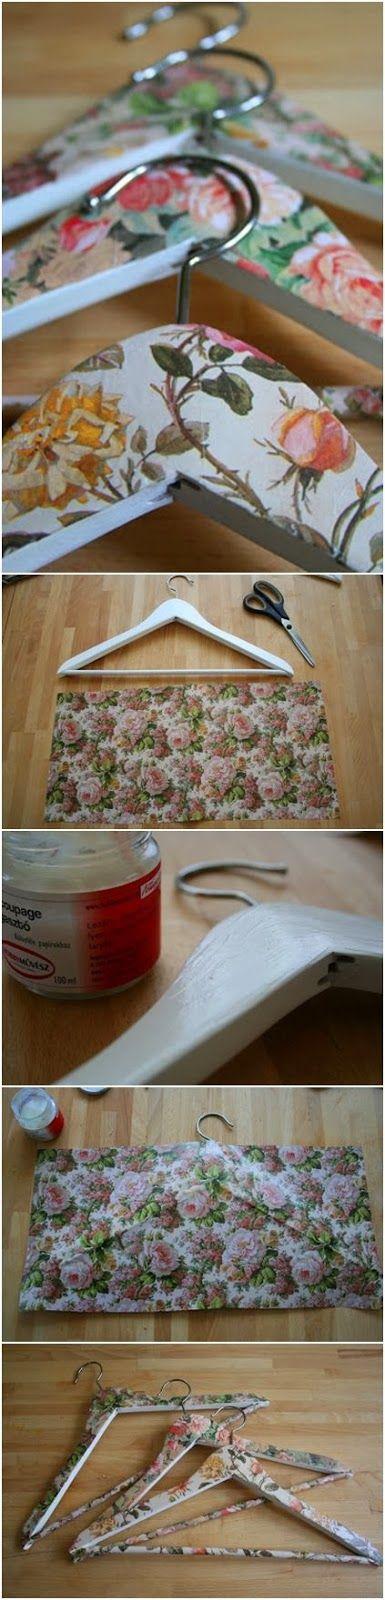 Perchas forradas con papel - Rosy hanger